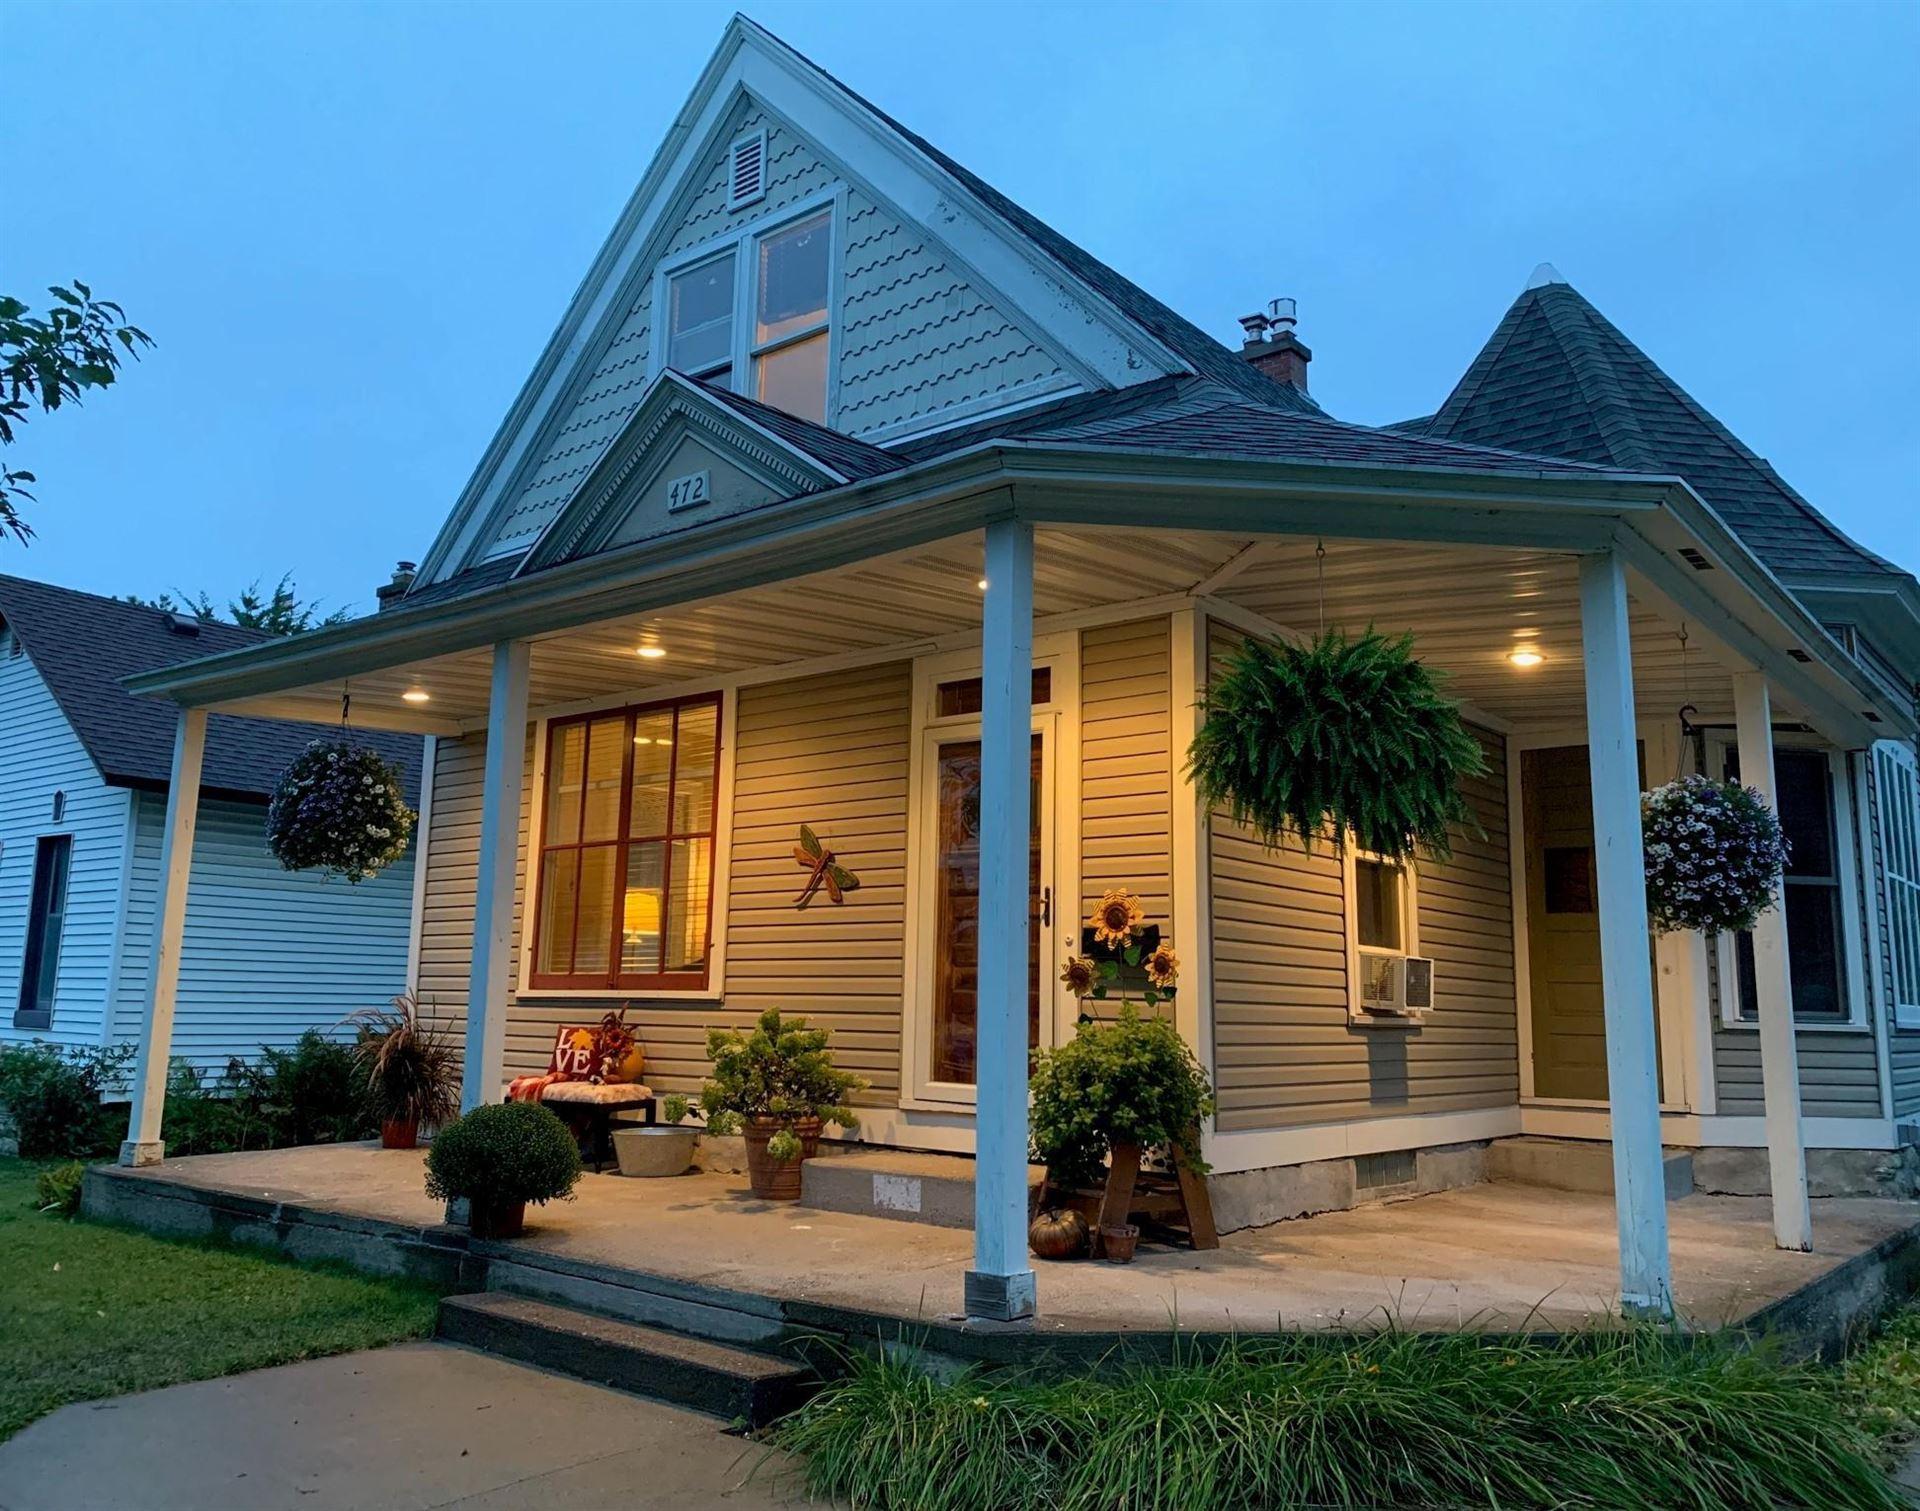 472 E 5th Street, Winona, MN 55987 - MLS#: 5656972